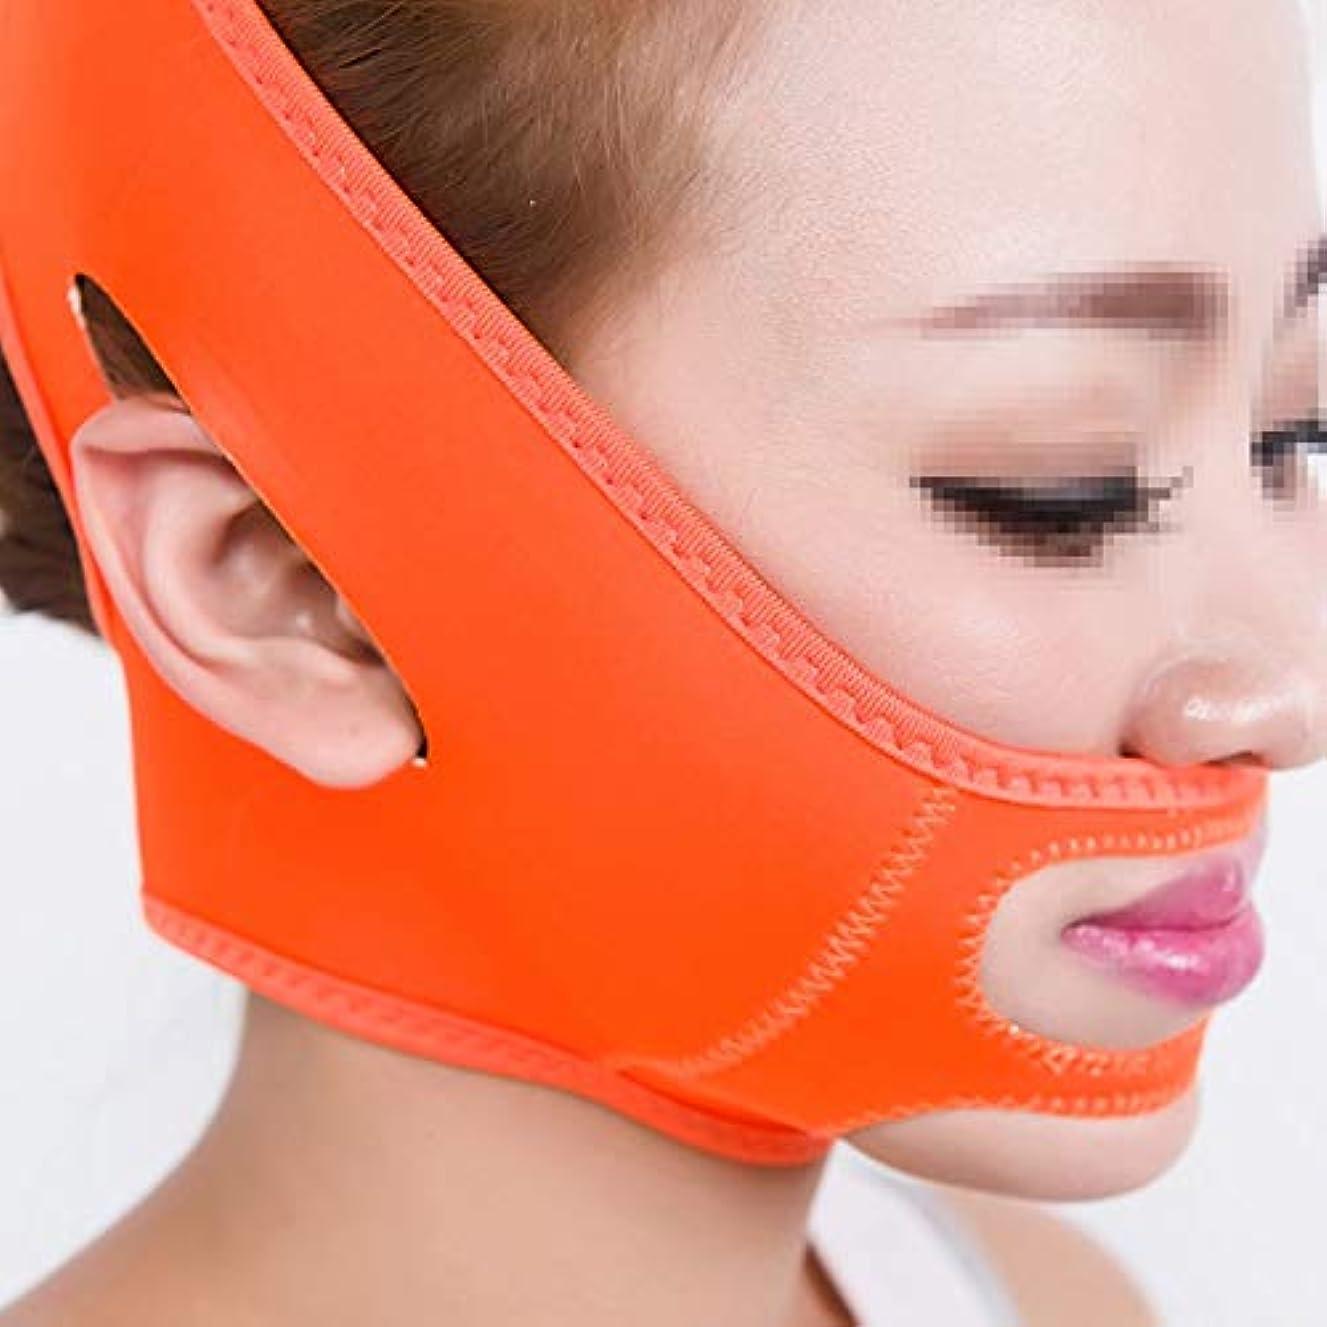 腰収入この薄型フェイスベルト、Vフェイス付きスリープマスク包帯引き締めリフティングフェイスダブルチンフェイスマスクマルチカラーオプション (Color : Orange)